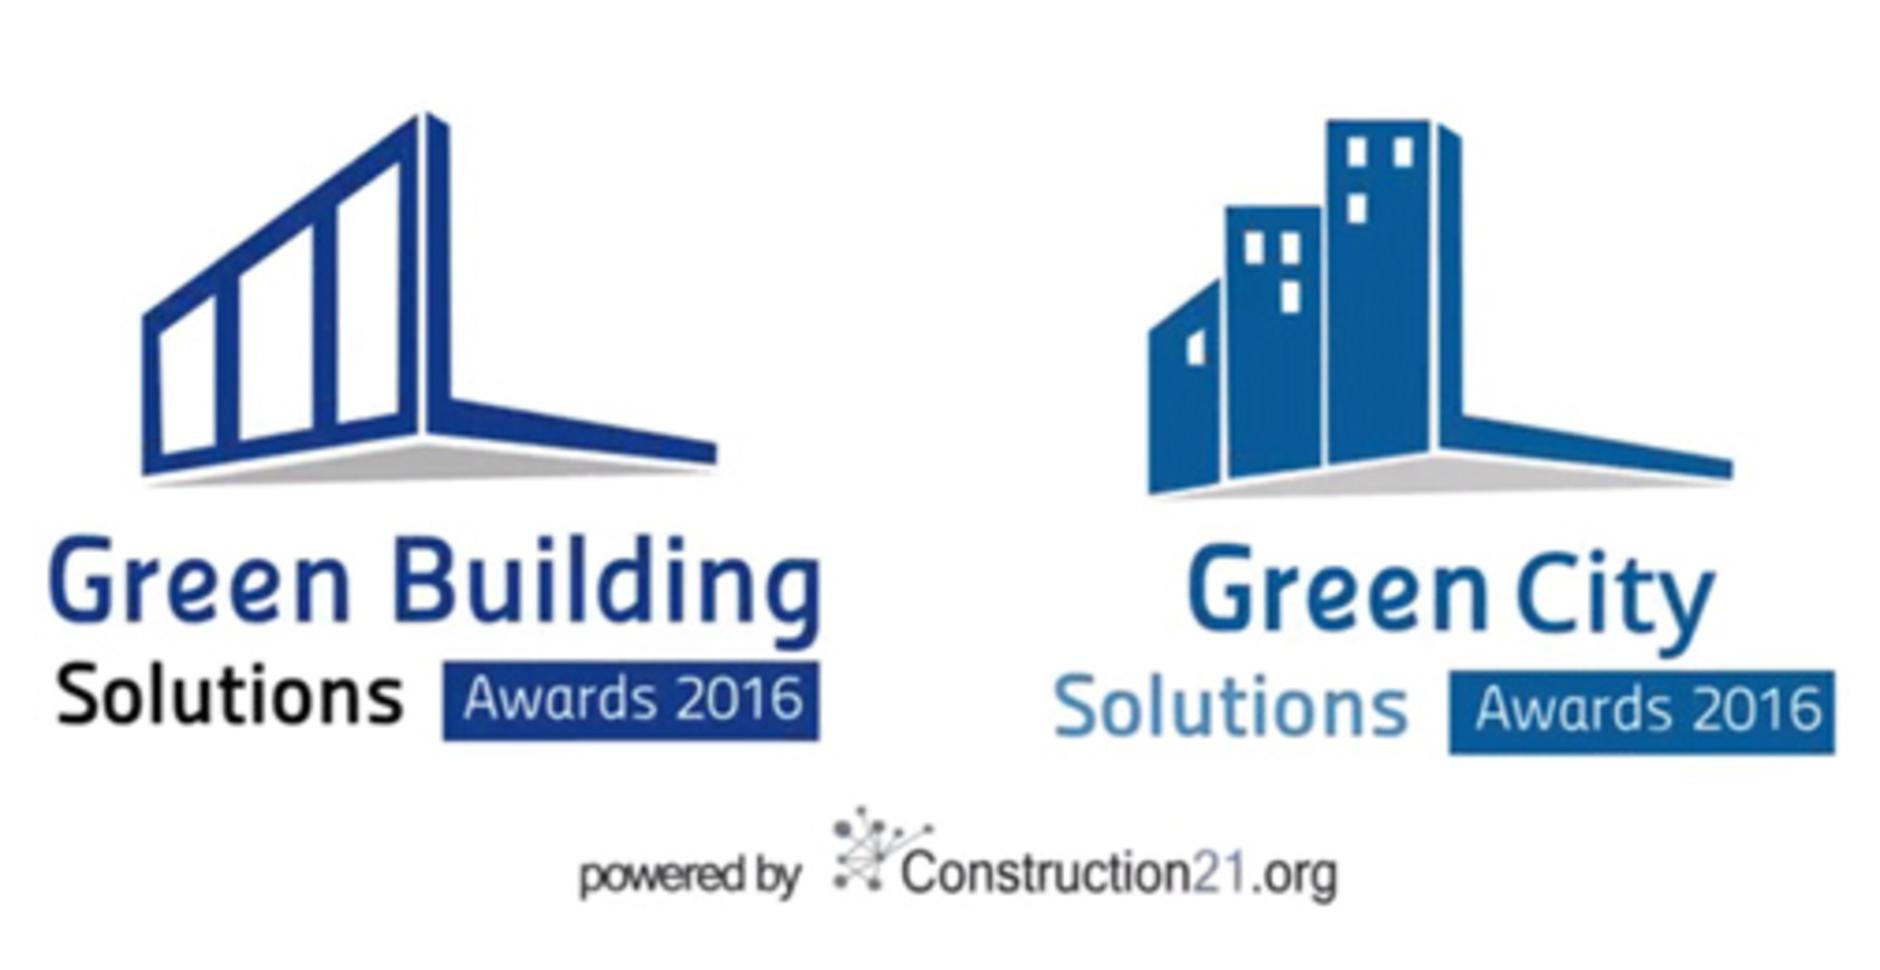 Testez vos connaissances sur les co gestes agence for Green building articles